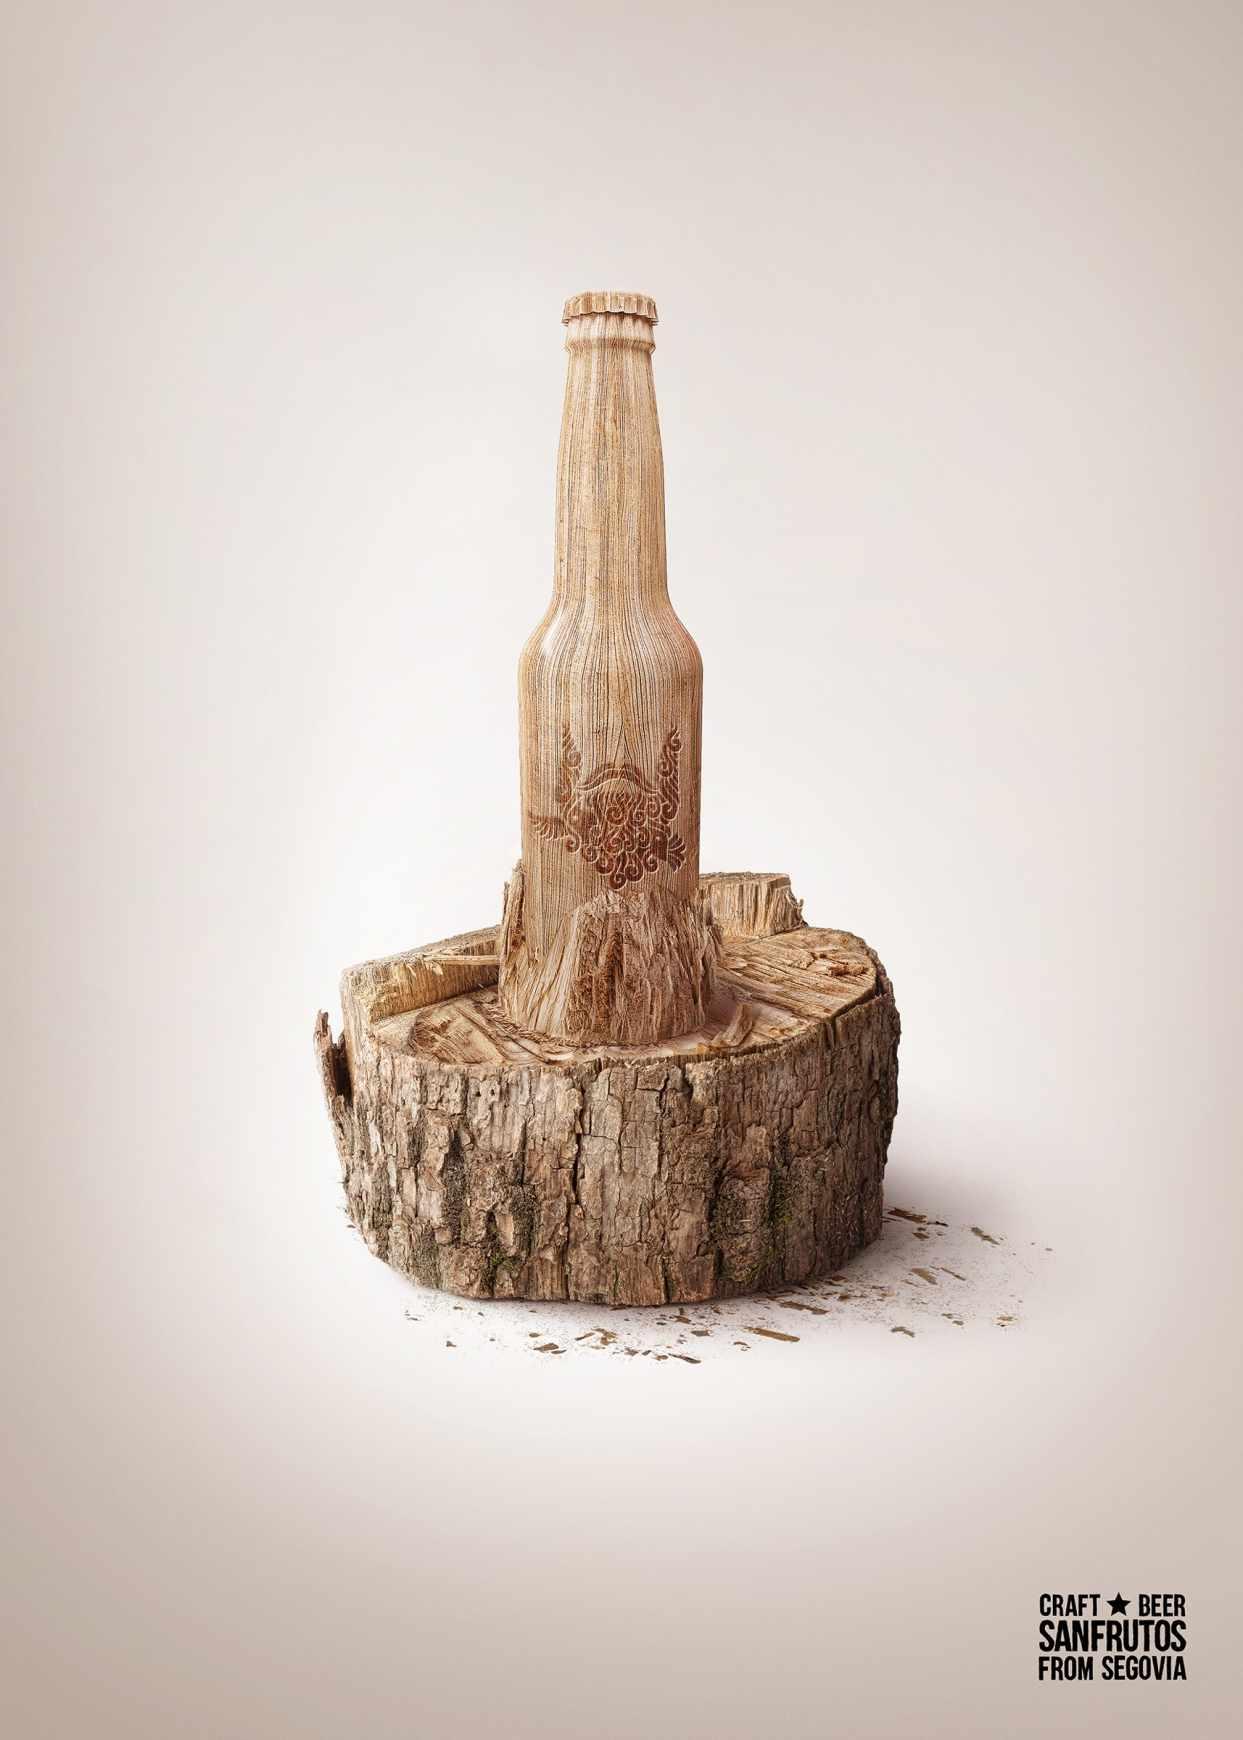 sanfrutos_craft_beer_wood_aotw